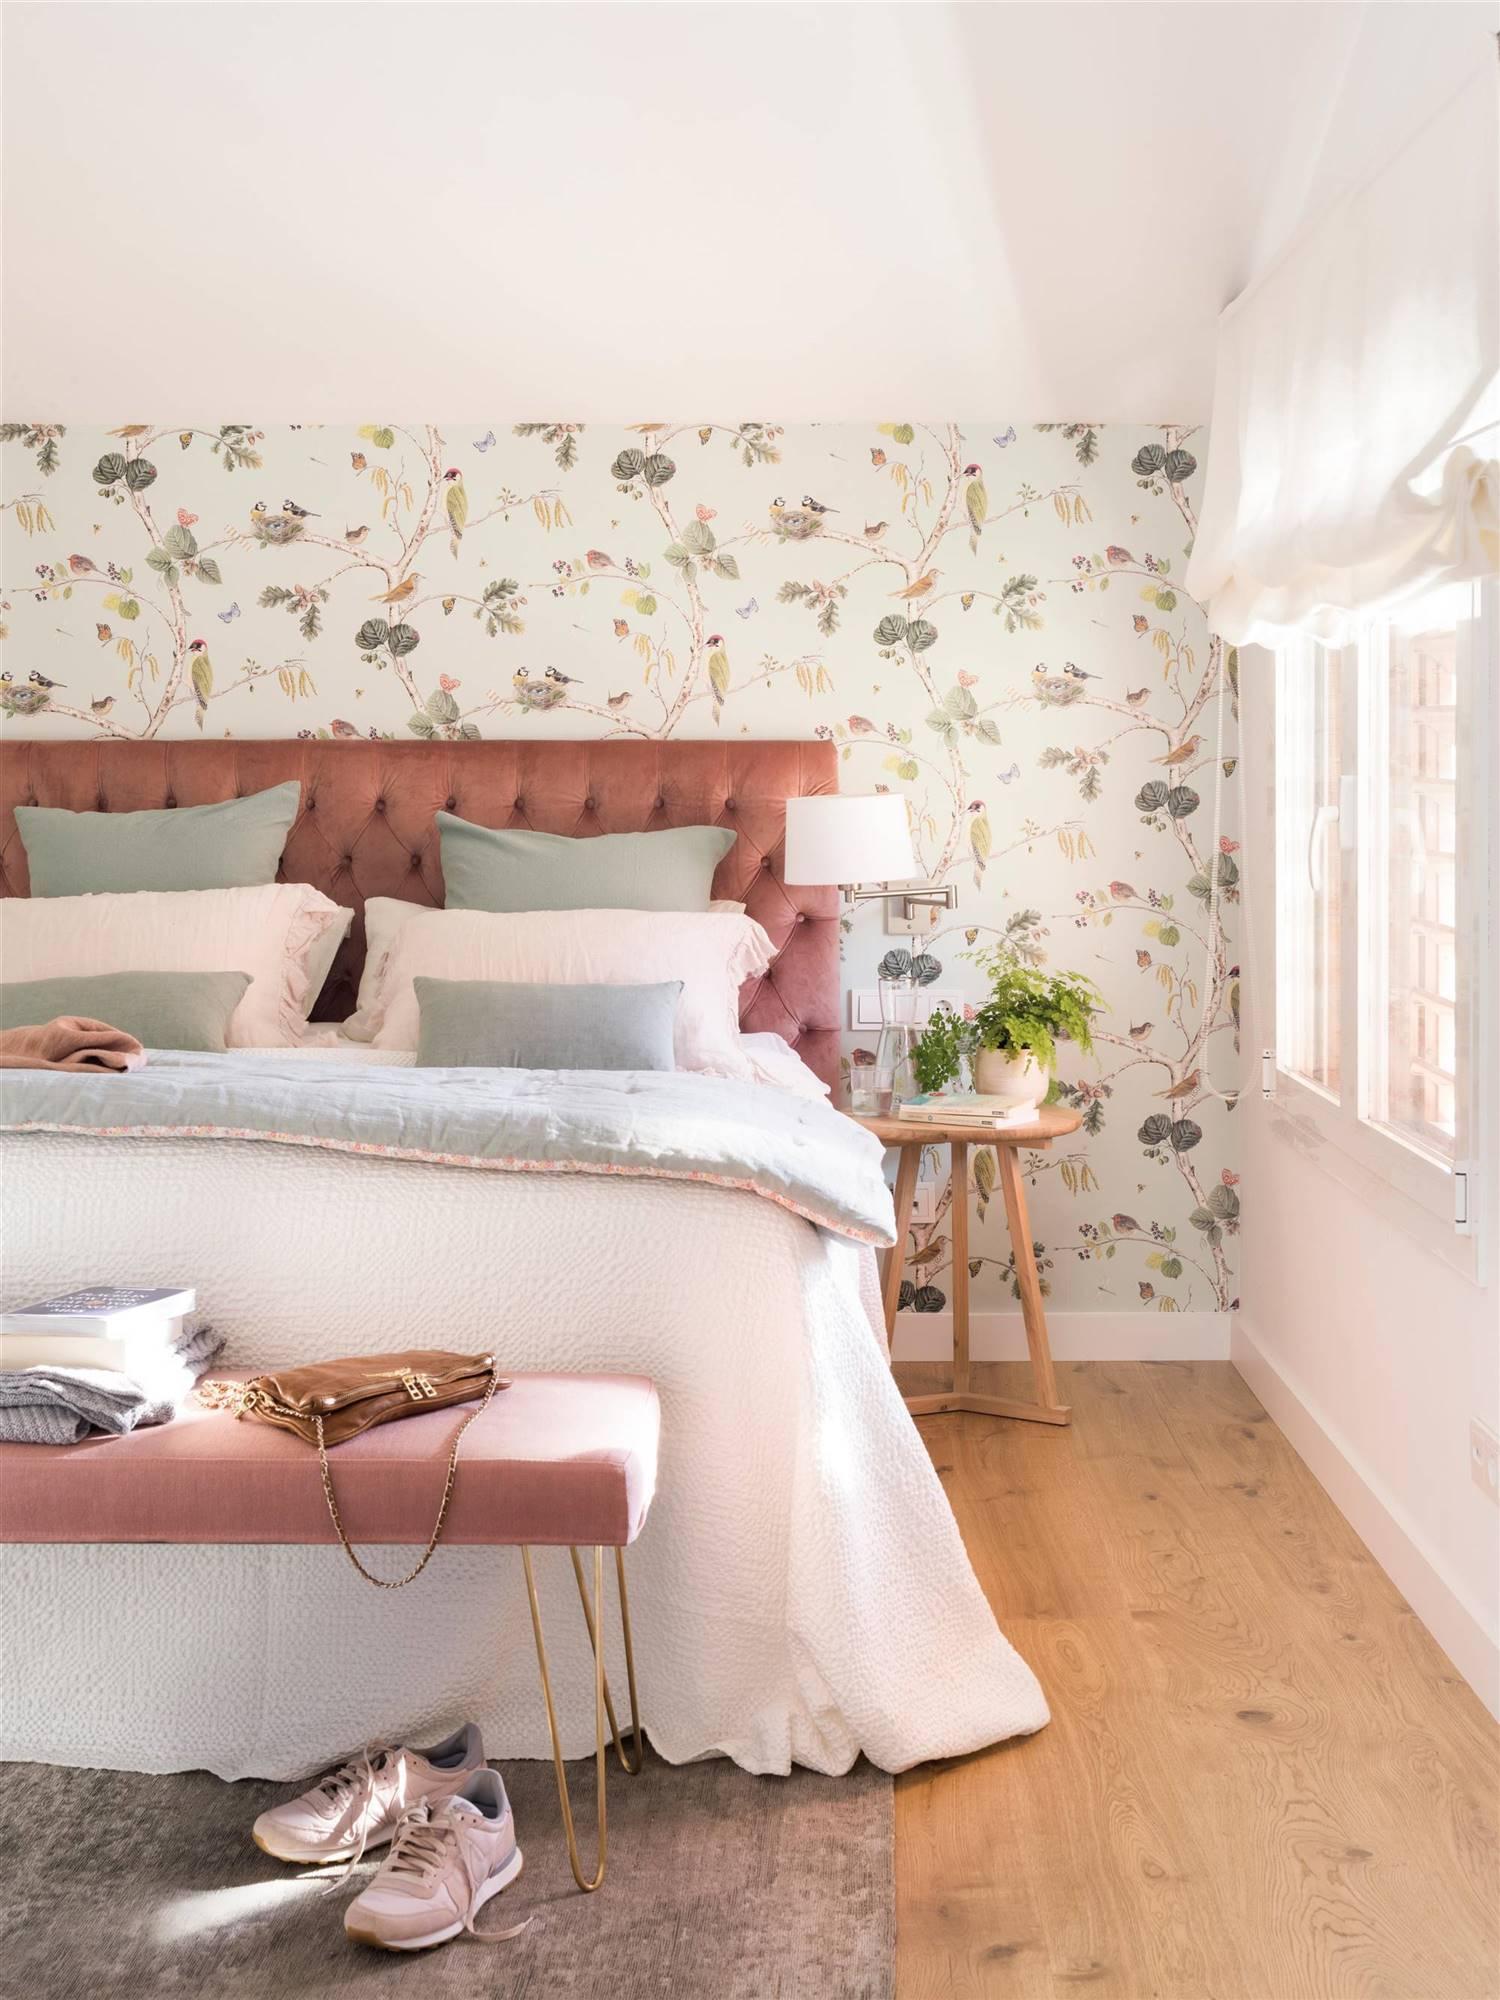 Dormitorio estilo nórdico 00524511. Dormitorios con toques nórdicos